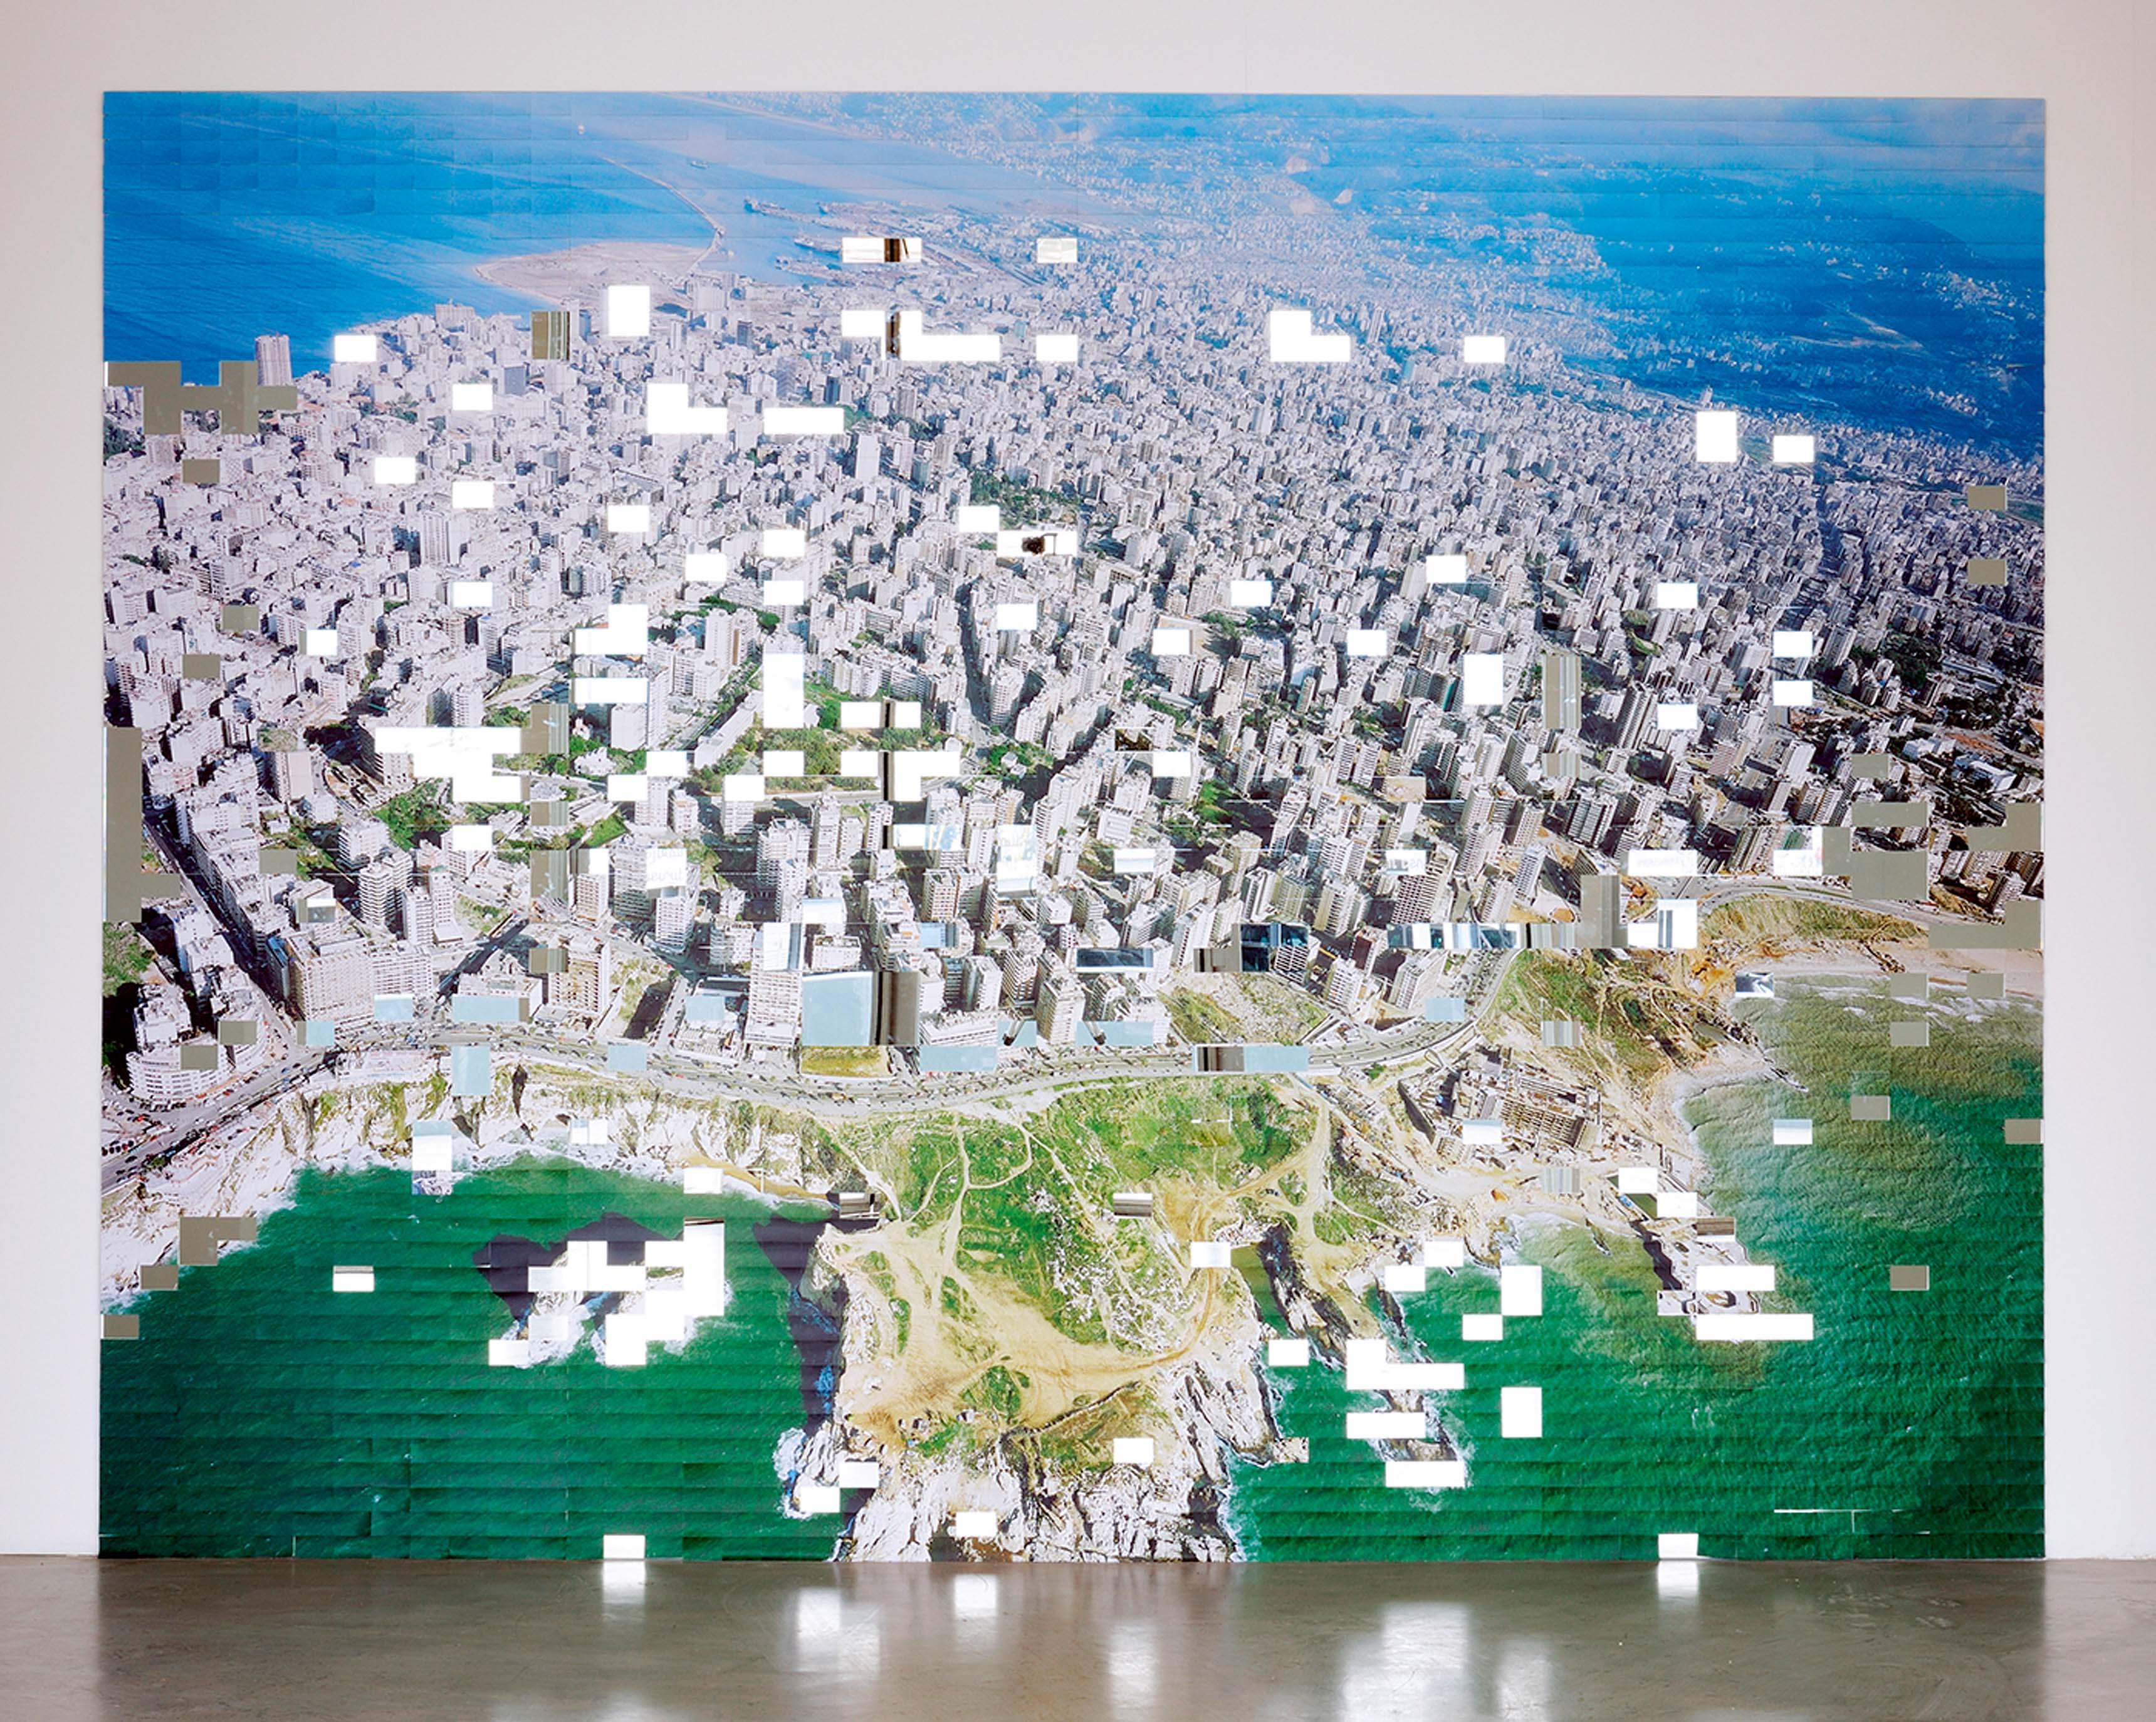 Le Cercle de confusion (1997-2007) de Joana Hadjithomas et Khalil Joreige. Finalistes du prix Marcel Duchamp 2017.